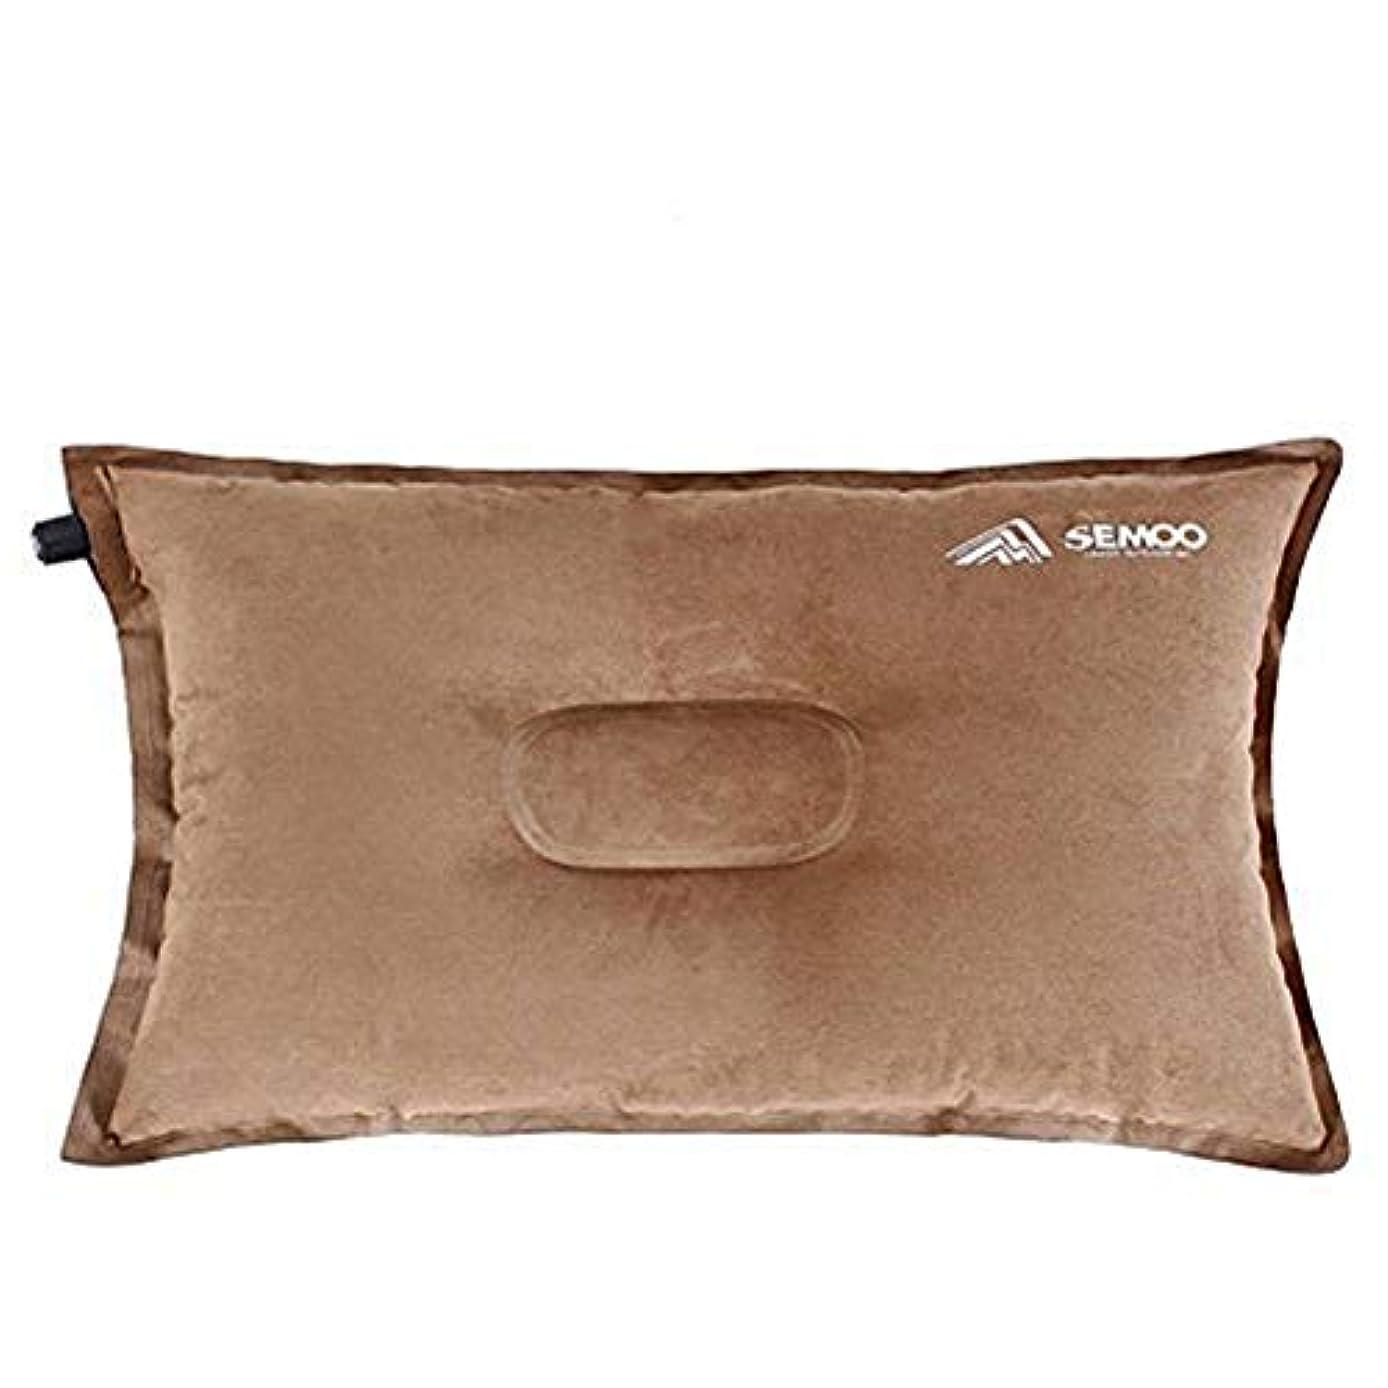 耐久分離するコメントsEMOoキャンプ枕/インフレータブルAir pillow- Self Inflating、圧縮可能なキャンプ用、バックパッキング、旅行